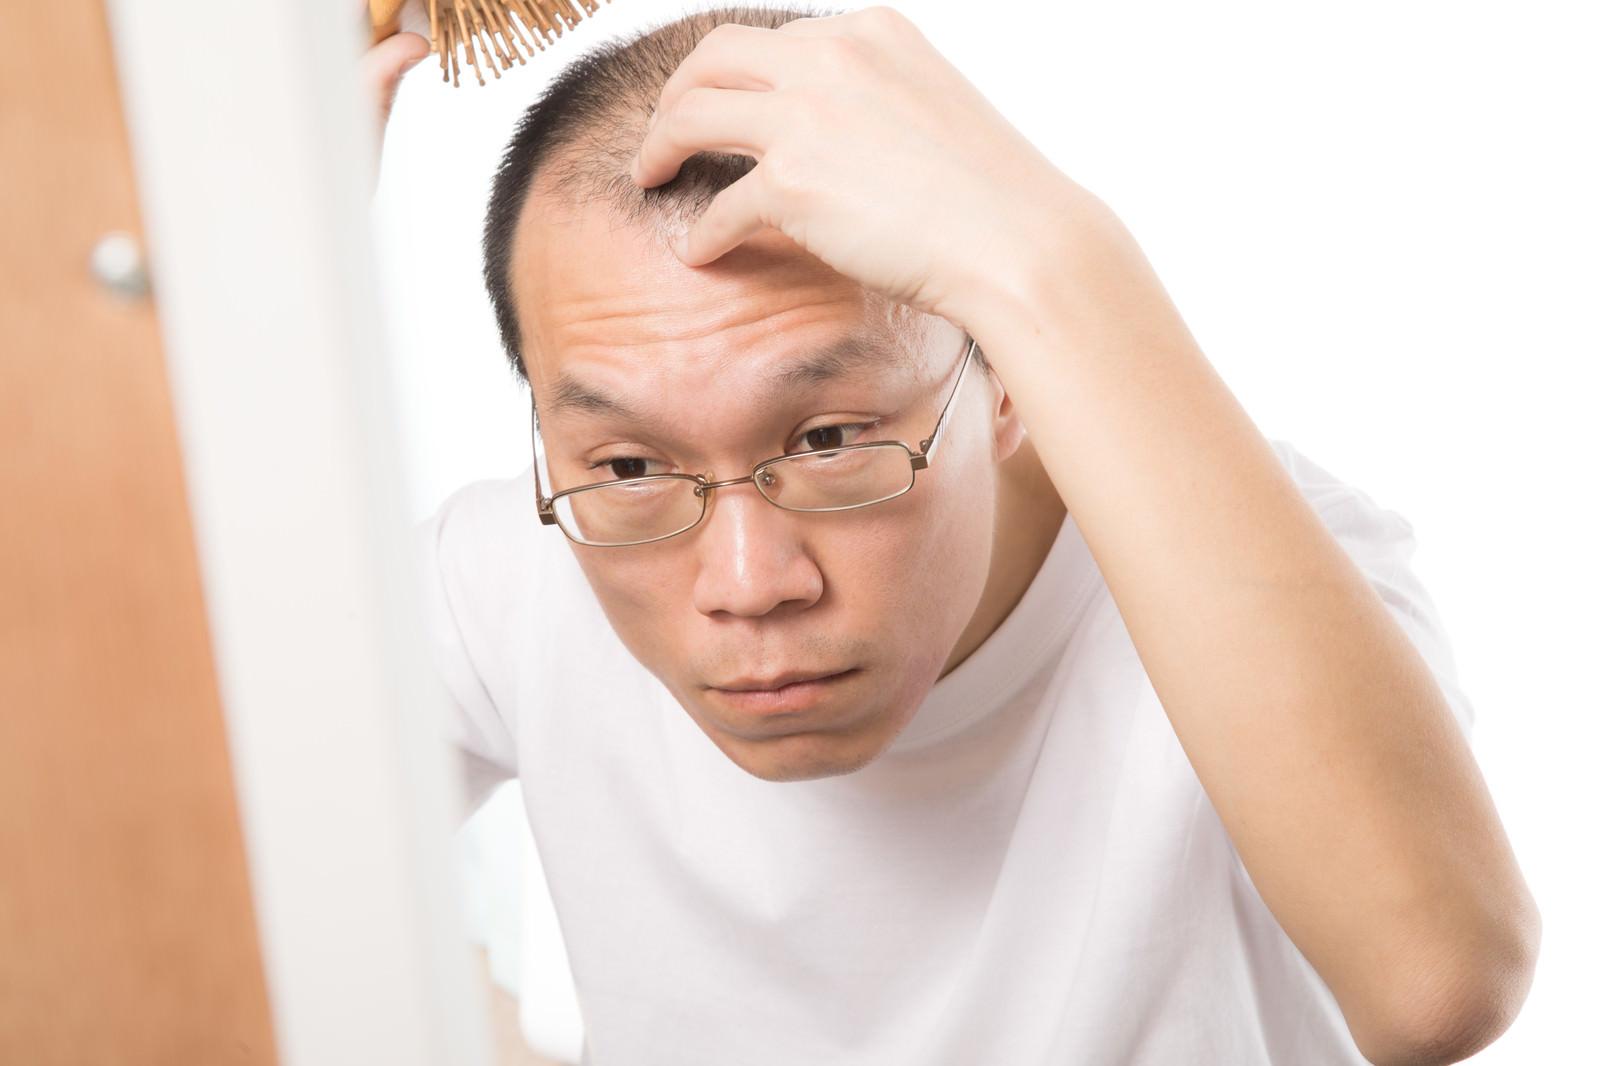 「毎日欠かさない頭皮ケア | 写真の無料素材・フリー素材 - ぱくたそ」の写真[モデル:サンライズ鈴木]